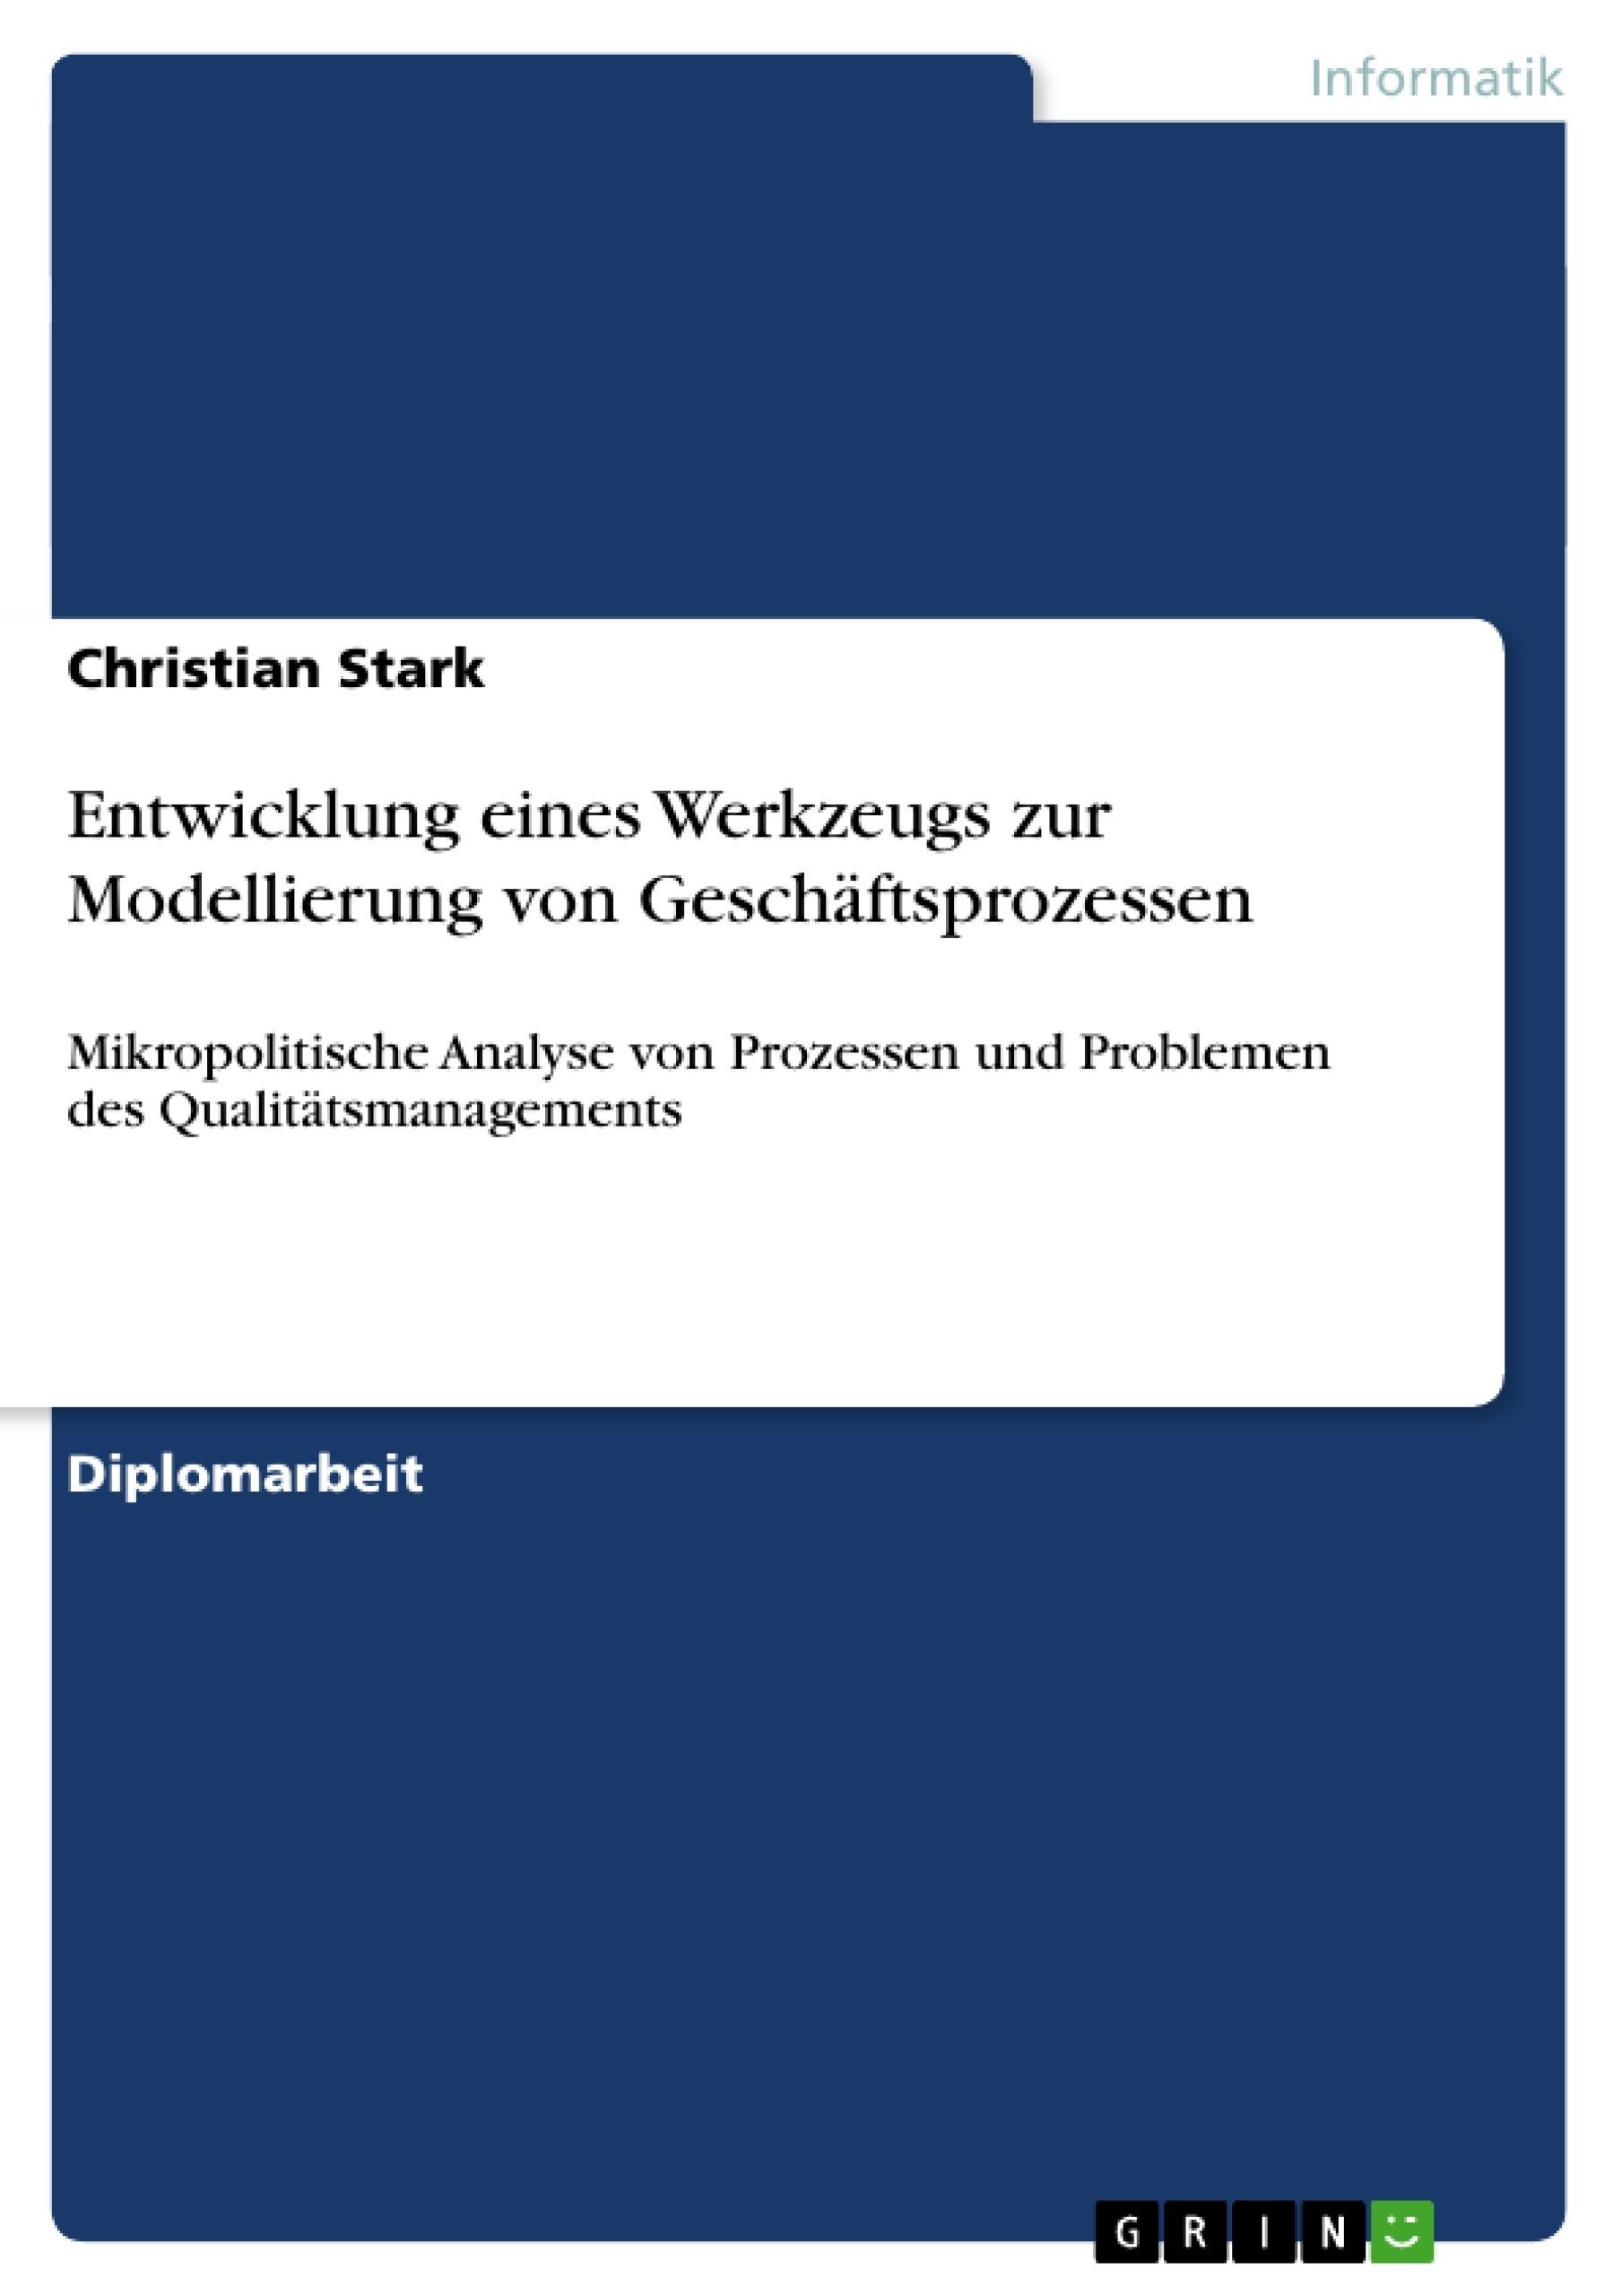 Titel: Entwicklung eines Werkzeugs zur Modellierung von Geschäftsprozessen